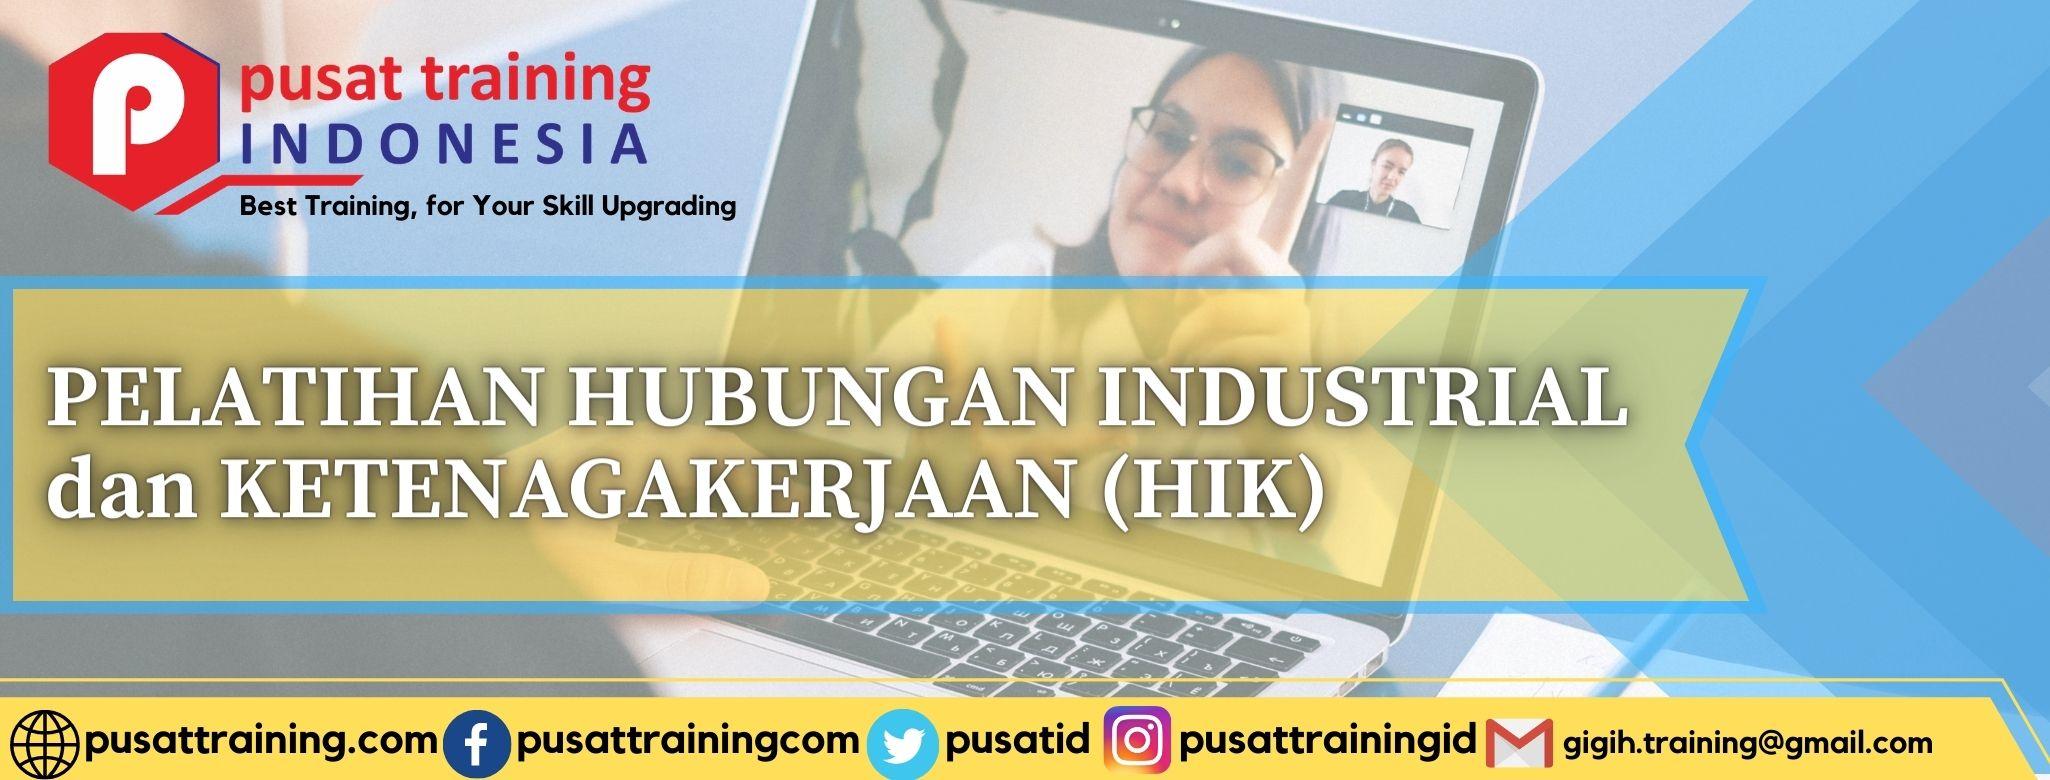 pelatihan-hubungan-industrial-dan-ketenagakerjaan